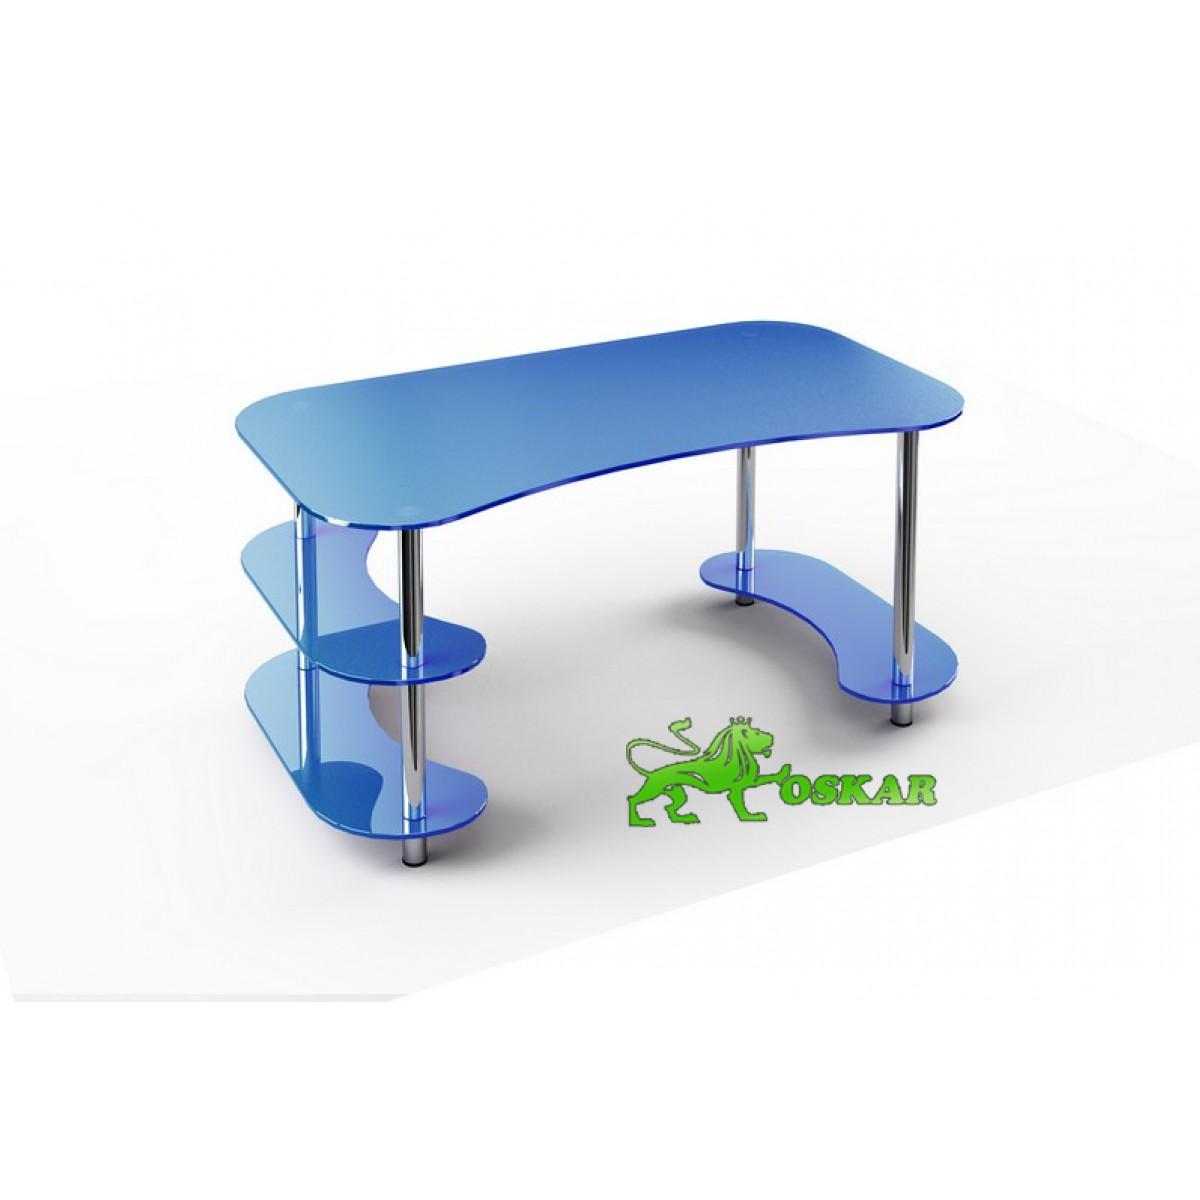 Купить стол офисный с-3 в полтаве - магазин оскар.